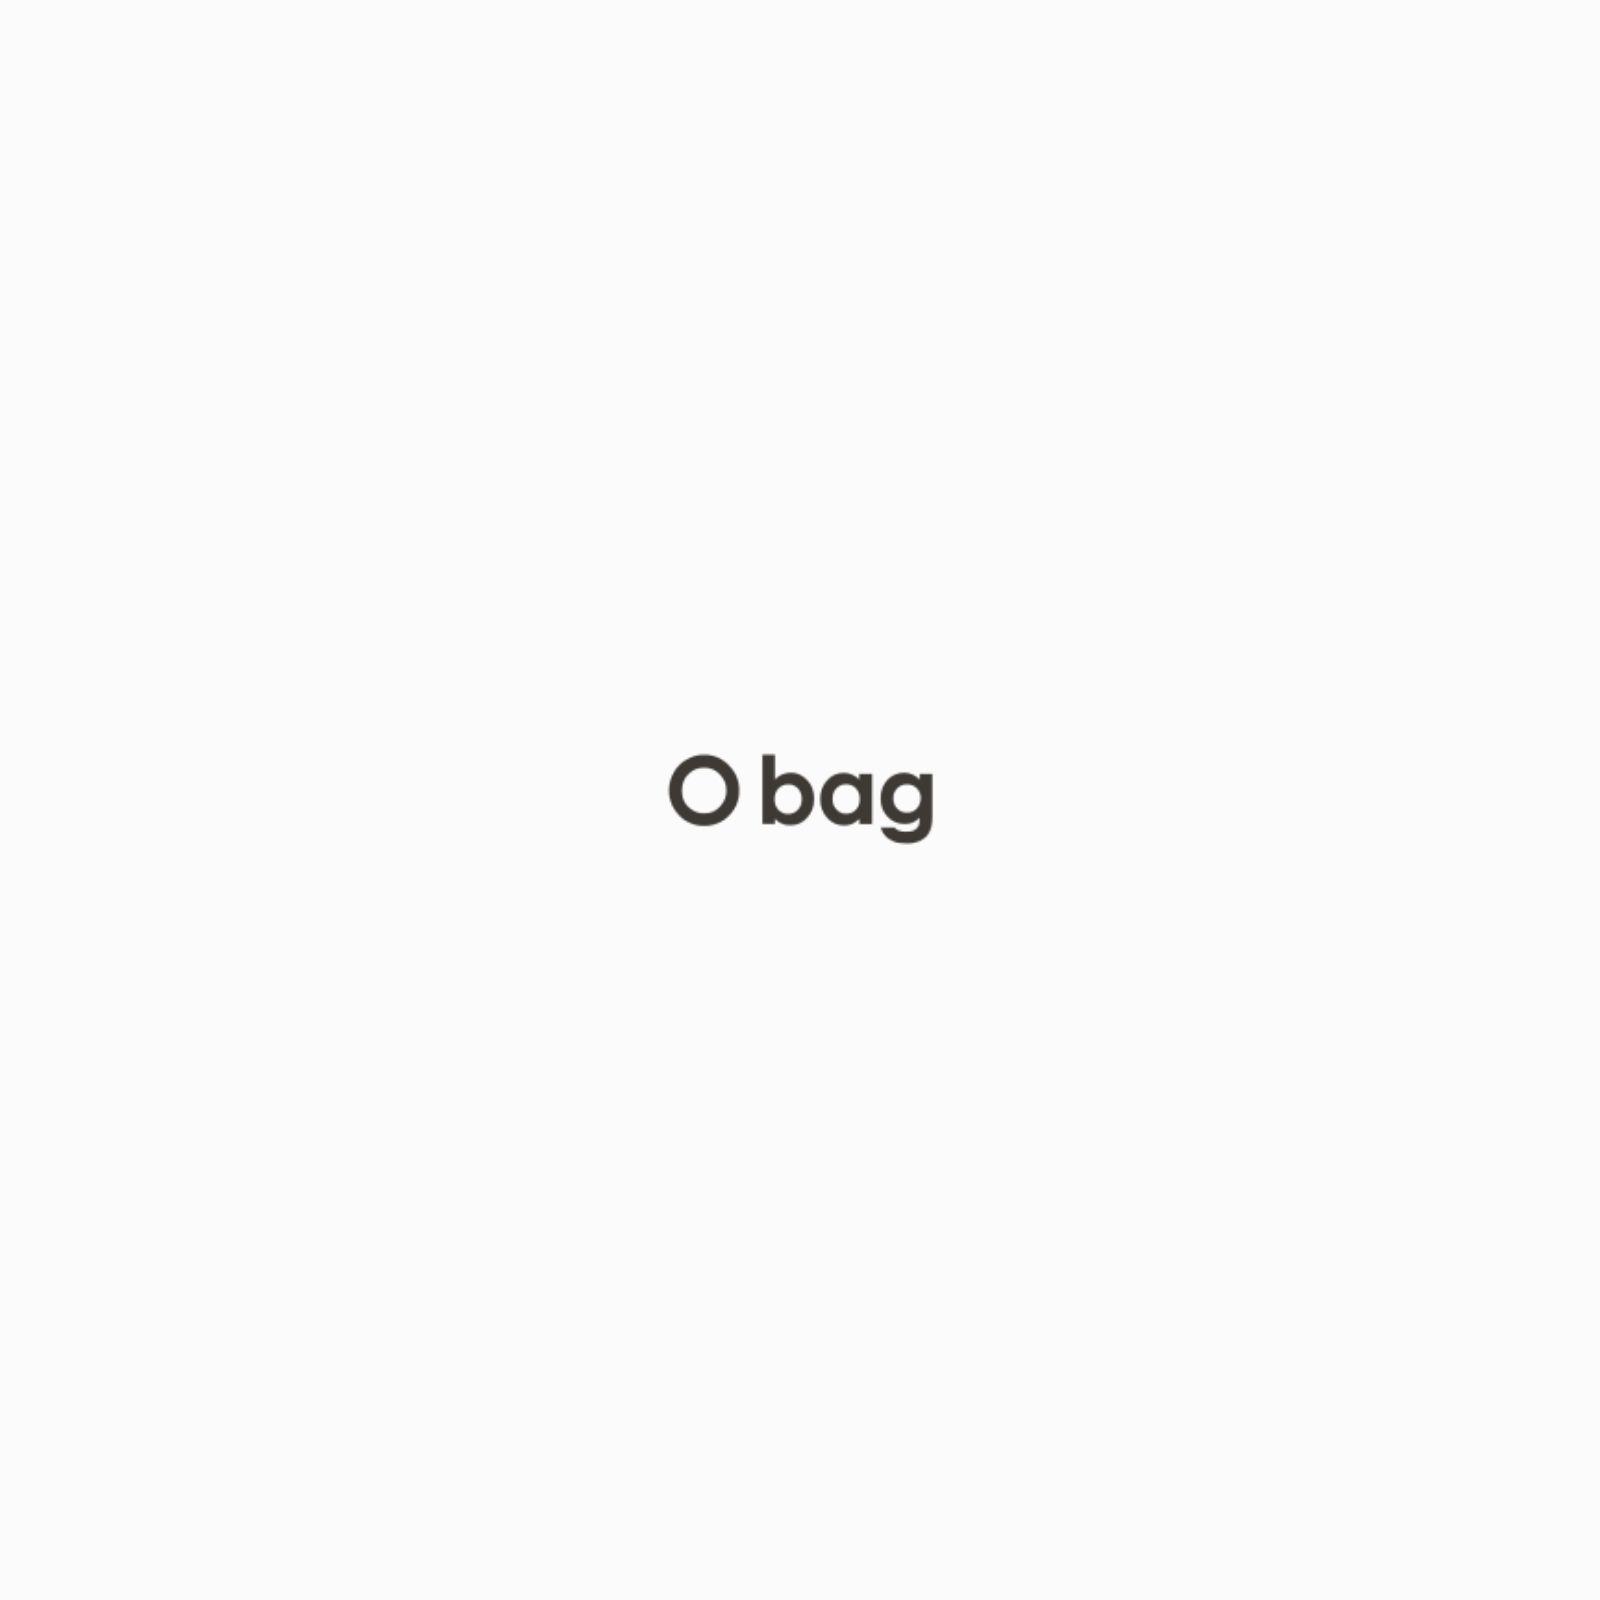 5a5ce337e8 O bag soft smooth nera con tracolla stretta gommata